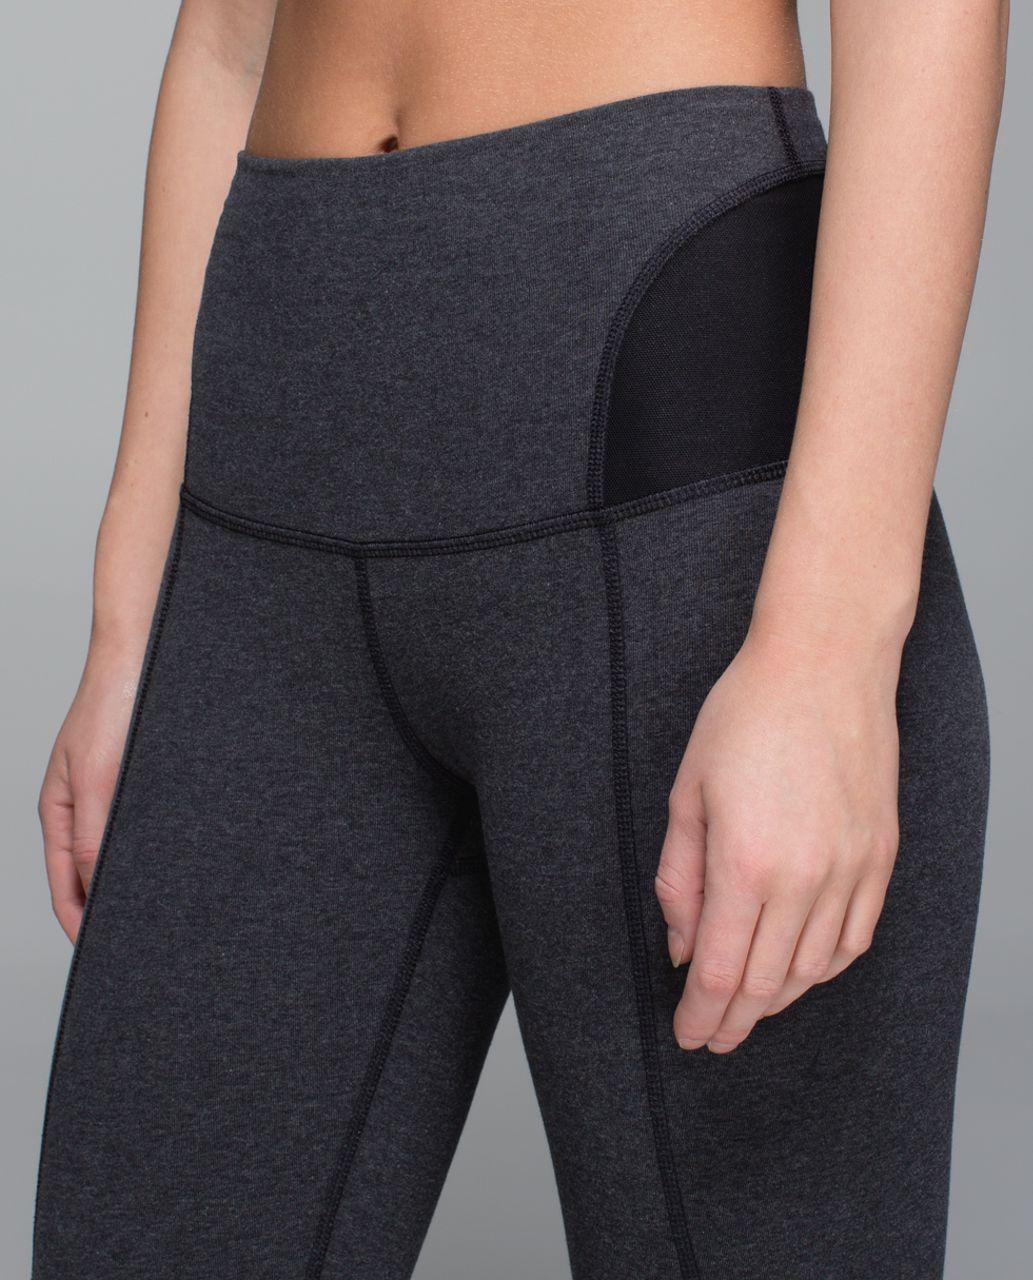 Lululemon Devi Yoga Pant - Heathered Speckled Black   Black - lulu ... 858416104d650